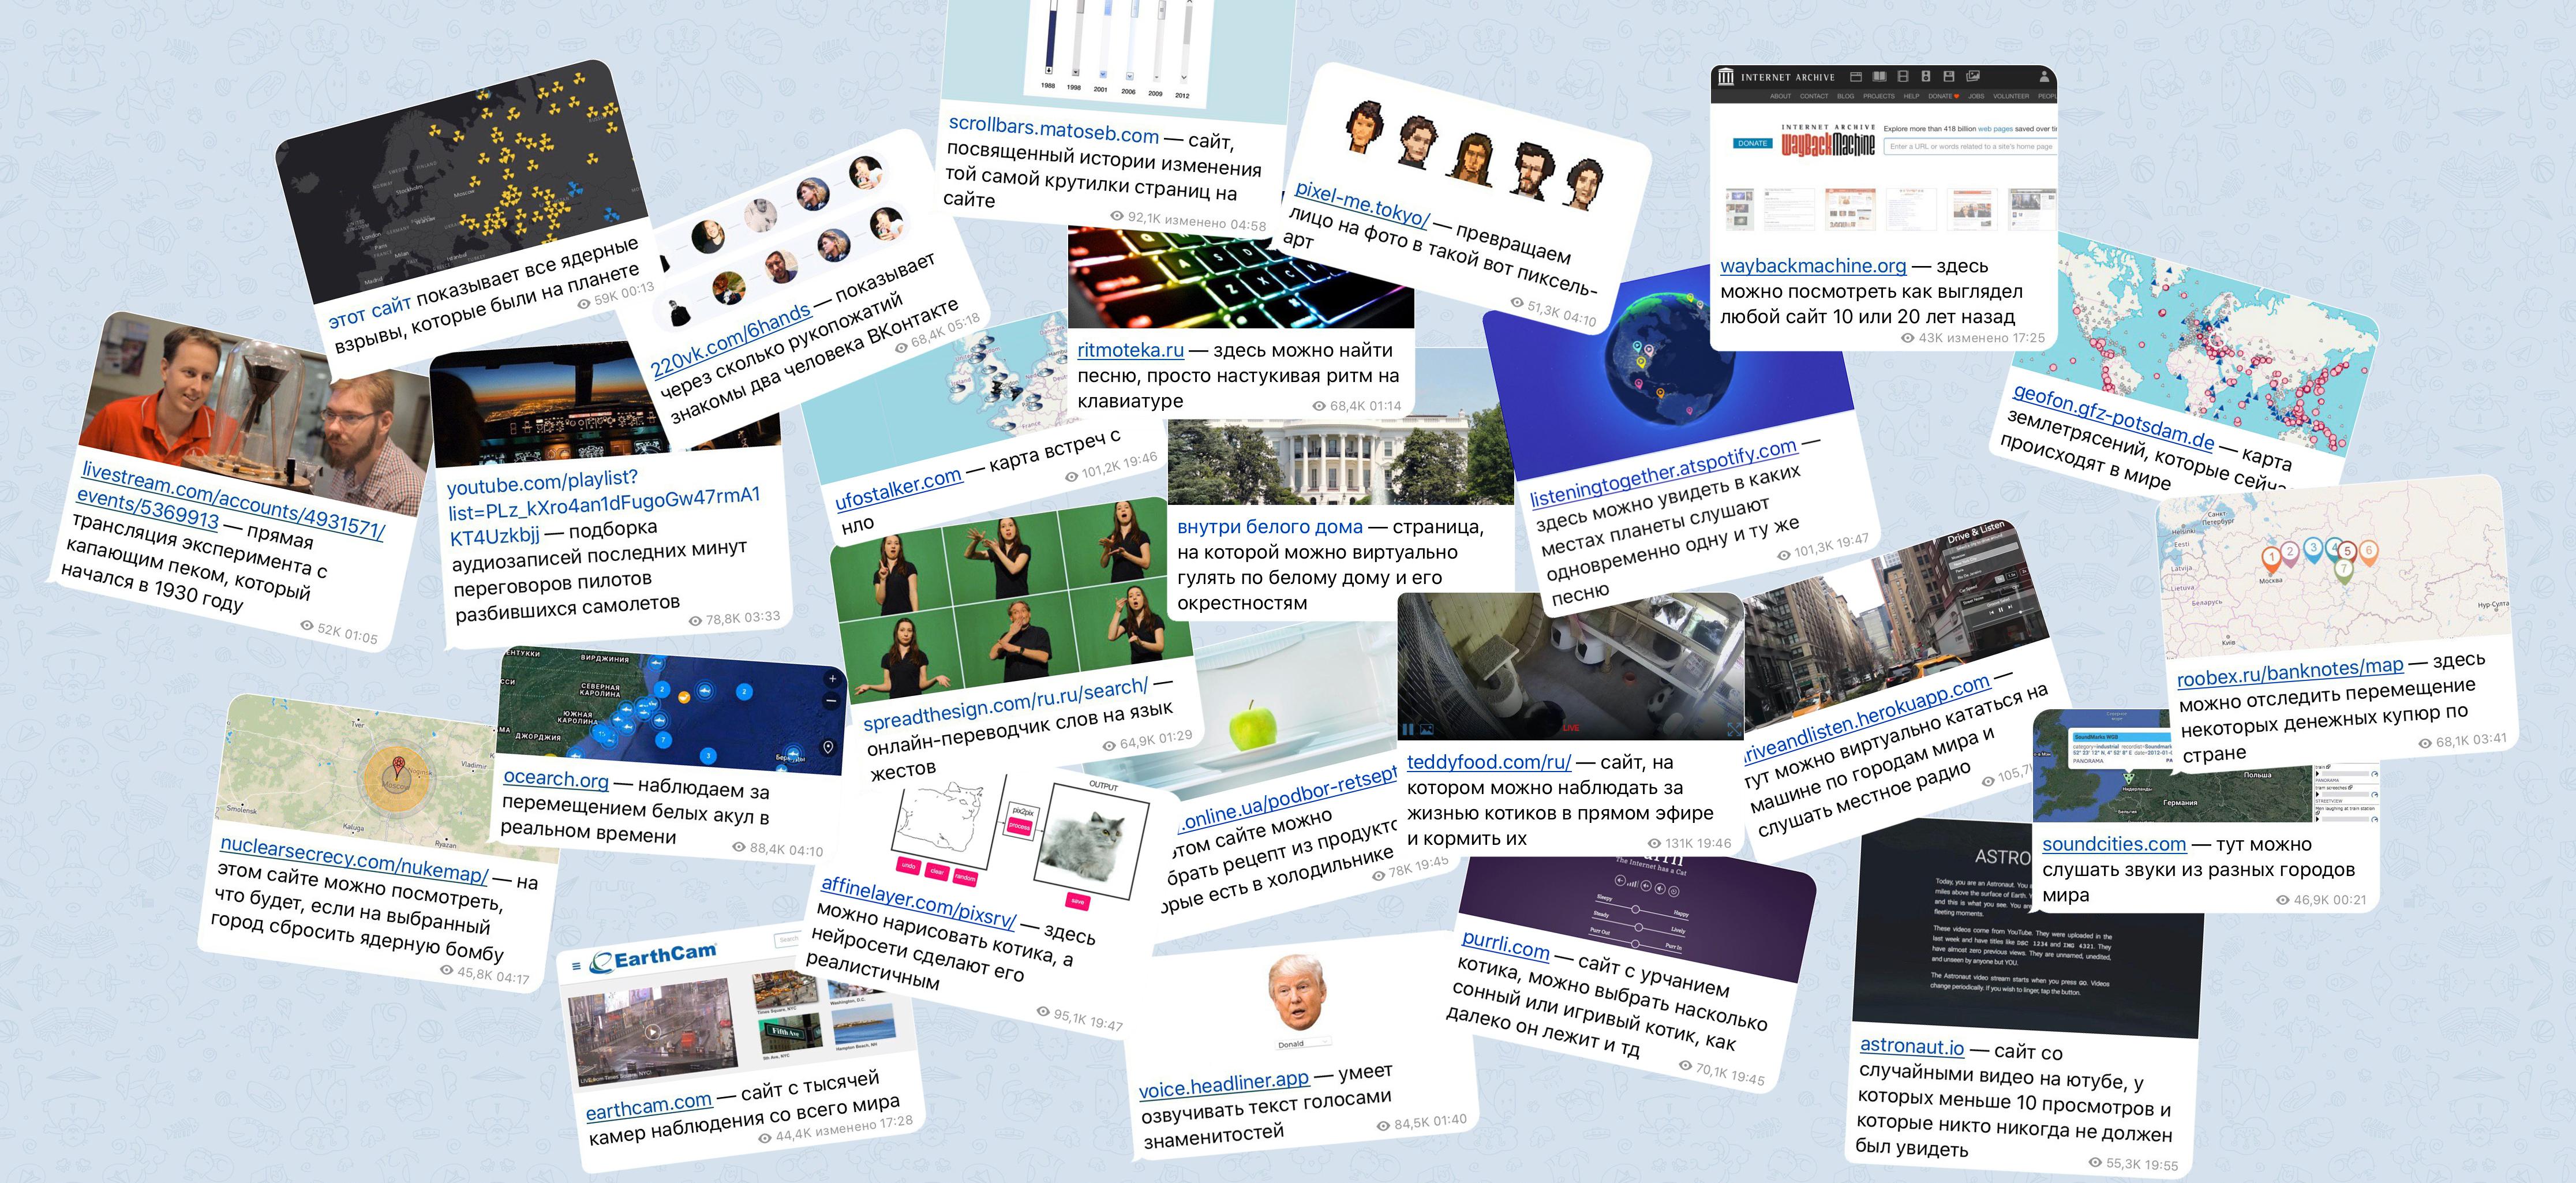 44 интересных сайта для случаев, когда скучно